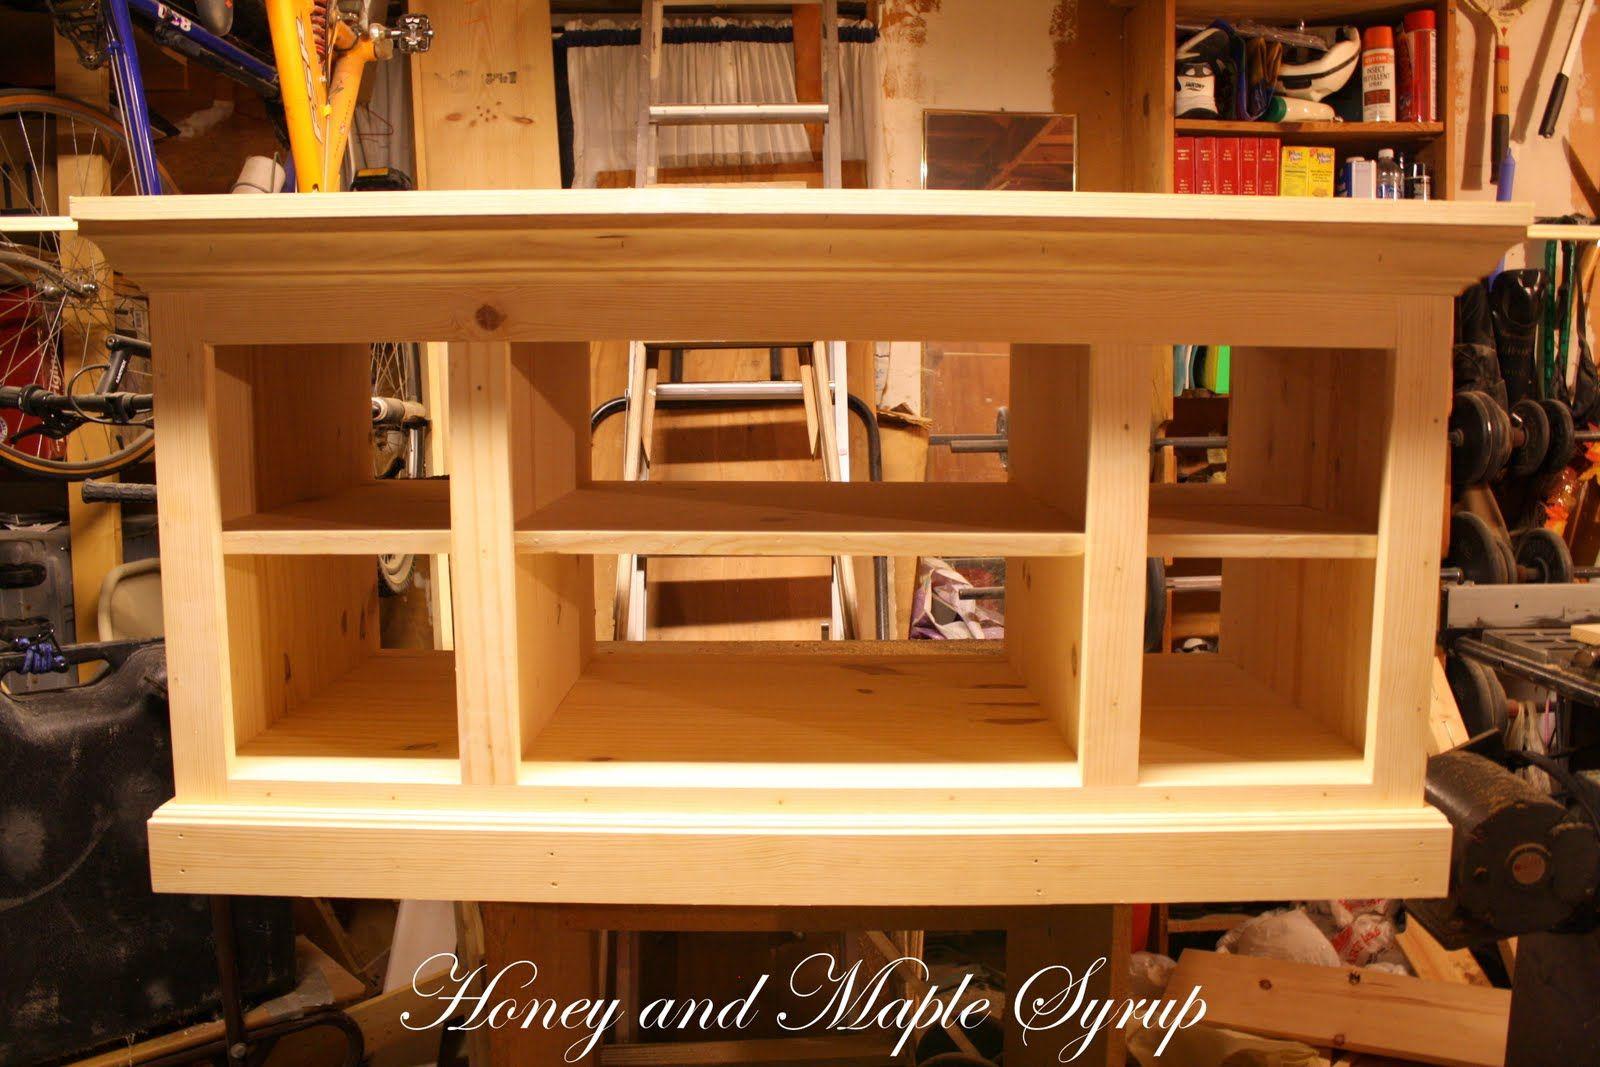 diy tv stand plans t v cabinet pinterest tv stands diy tv stand and diy tv. Black Bedroom Furniture Sets. Home Design Ideas